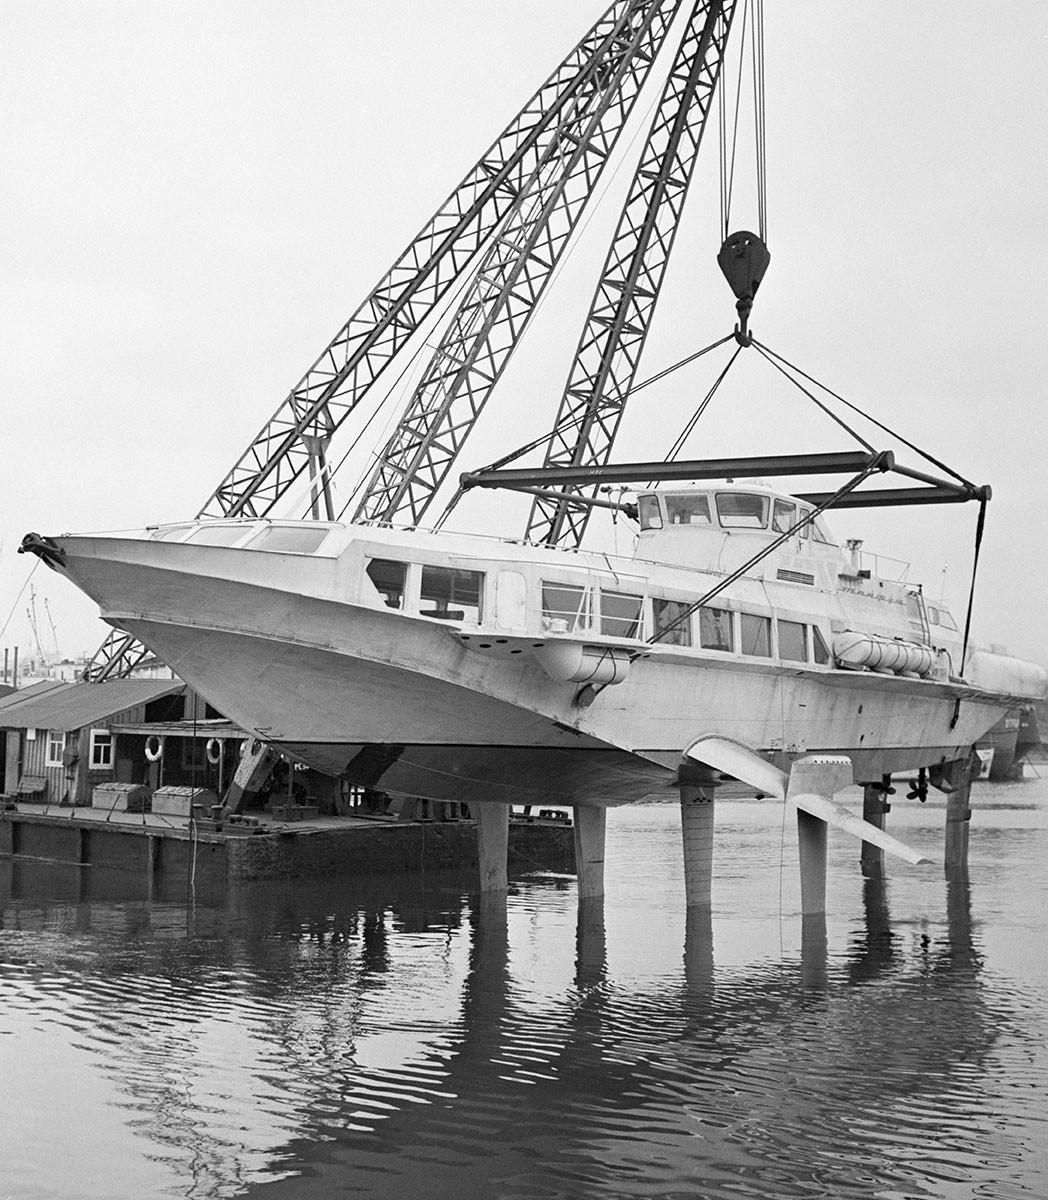 'Tayfun' hydrofoil, 1969.